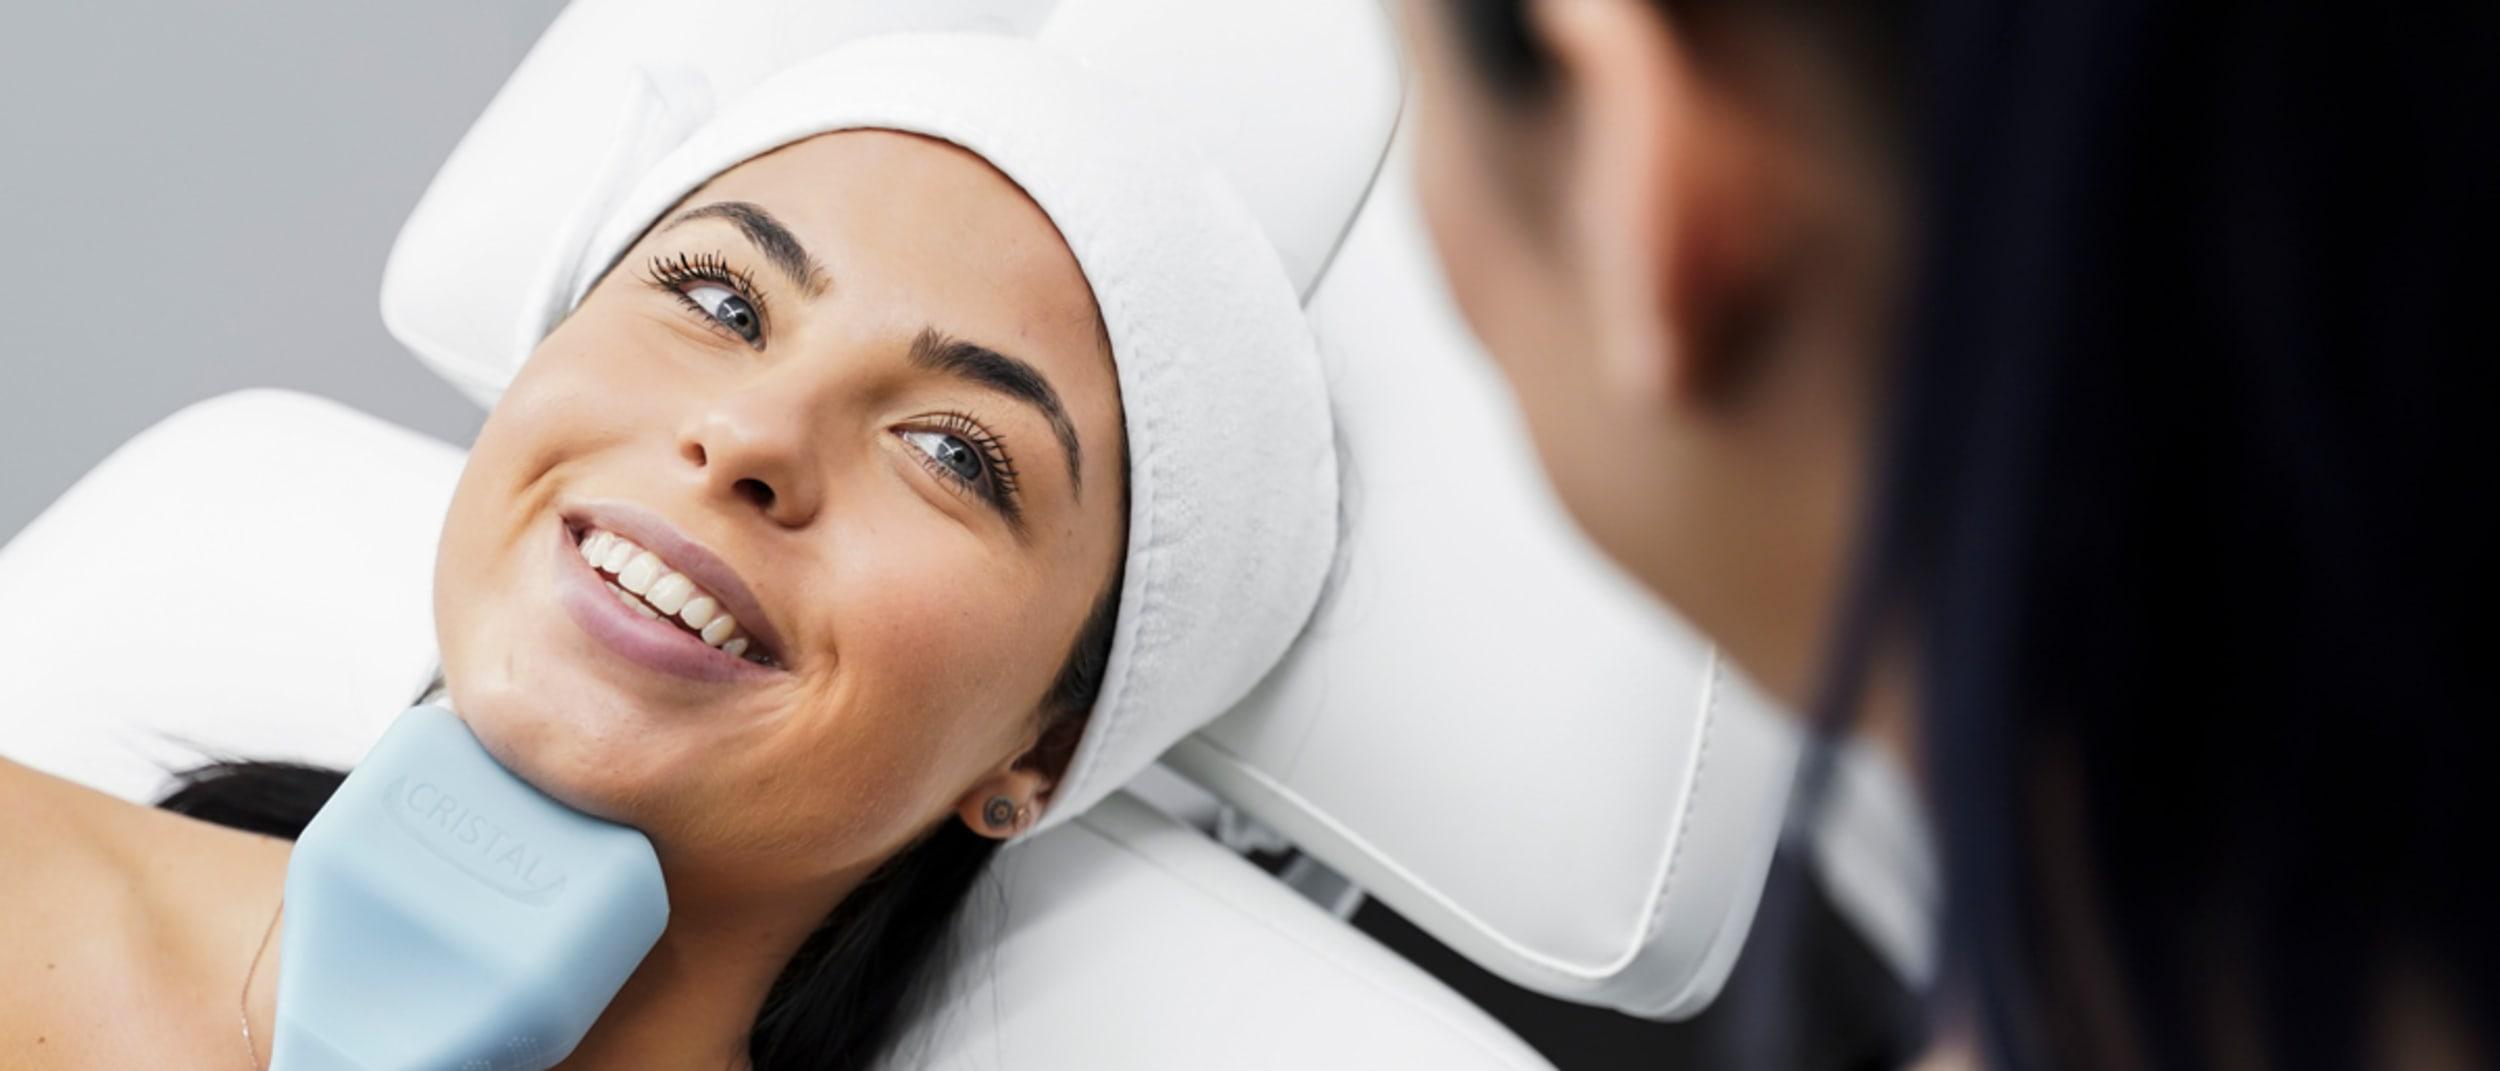 Body Sculpting Clinics: 30% off all treatments